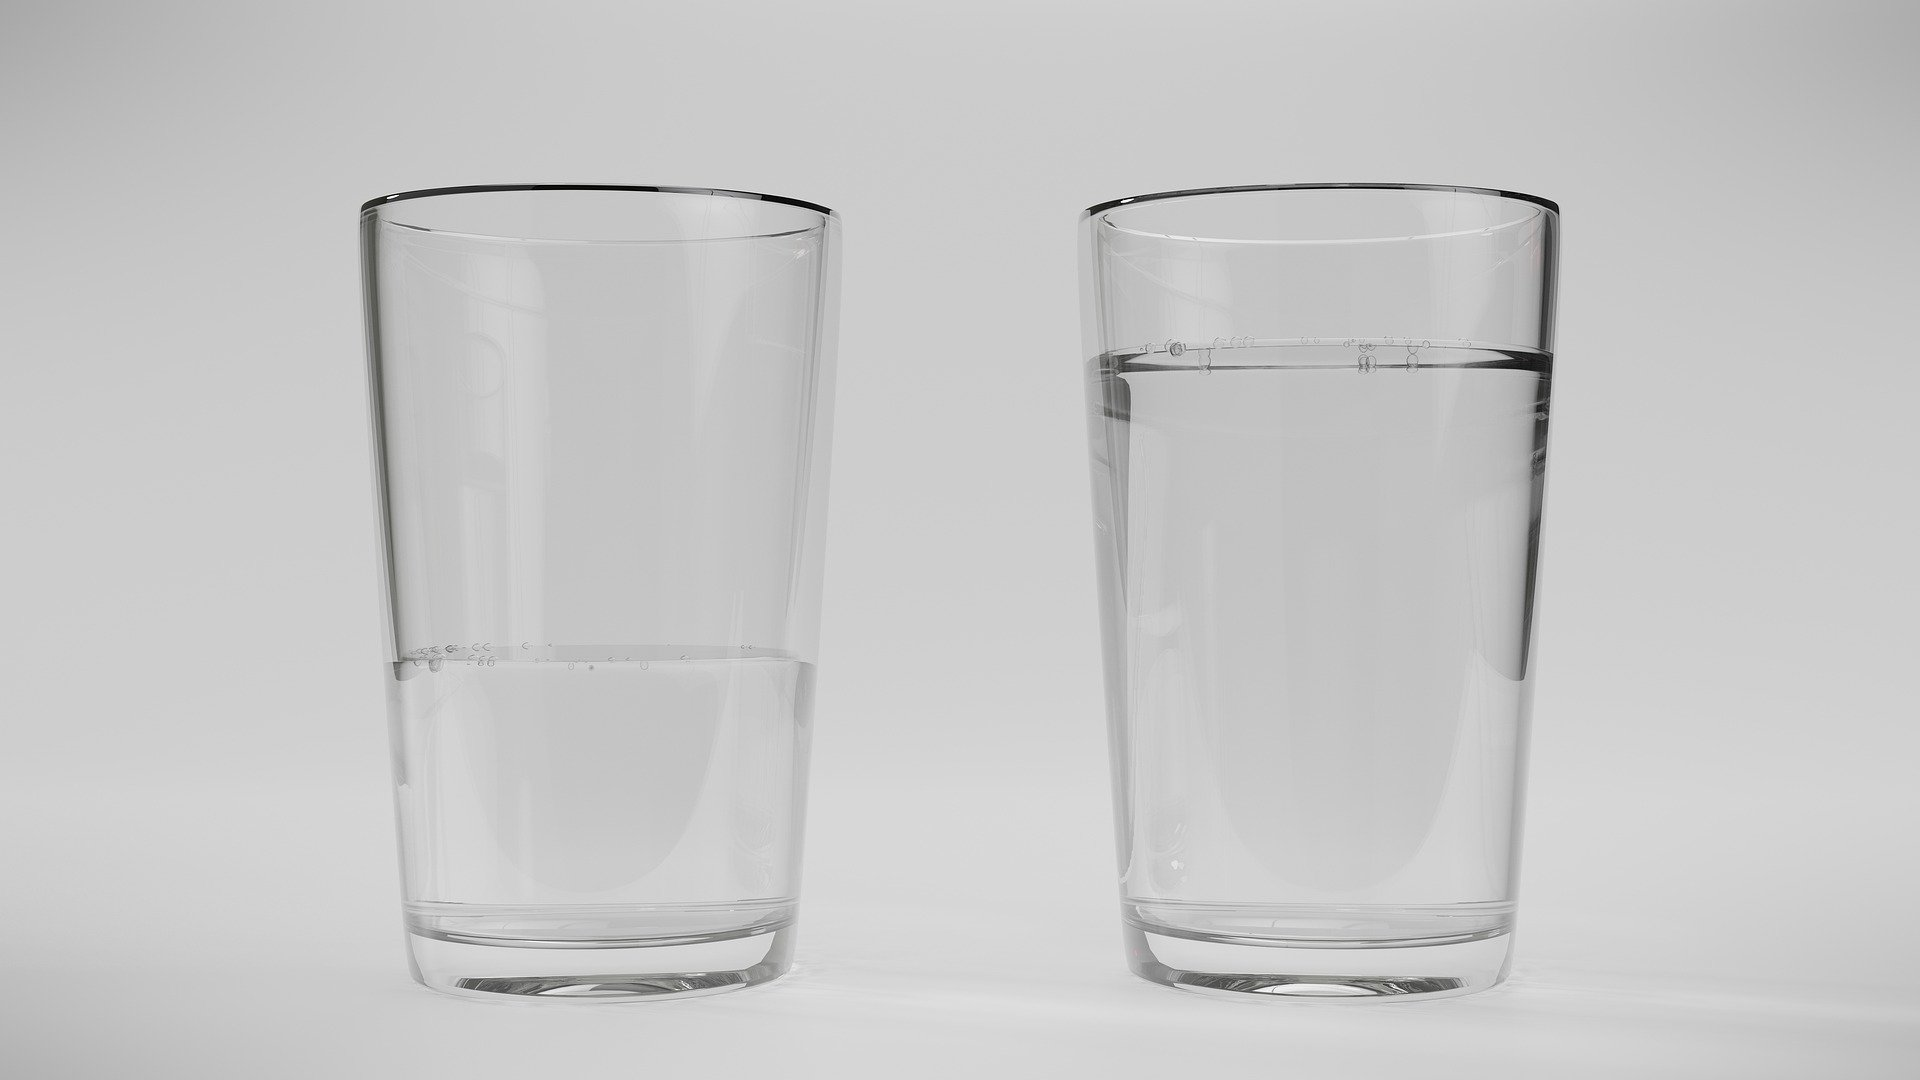 חשיבות שתית מים בבית הספר